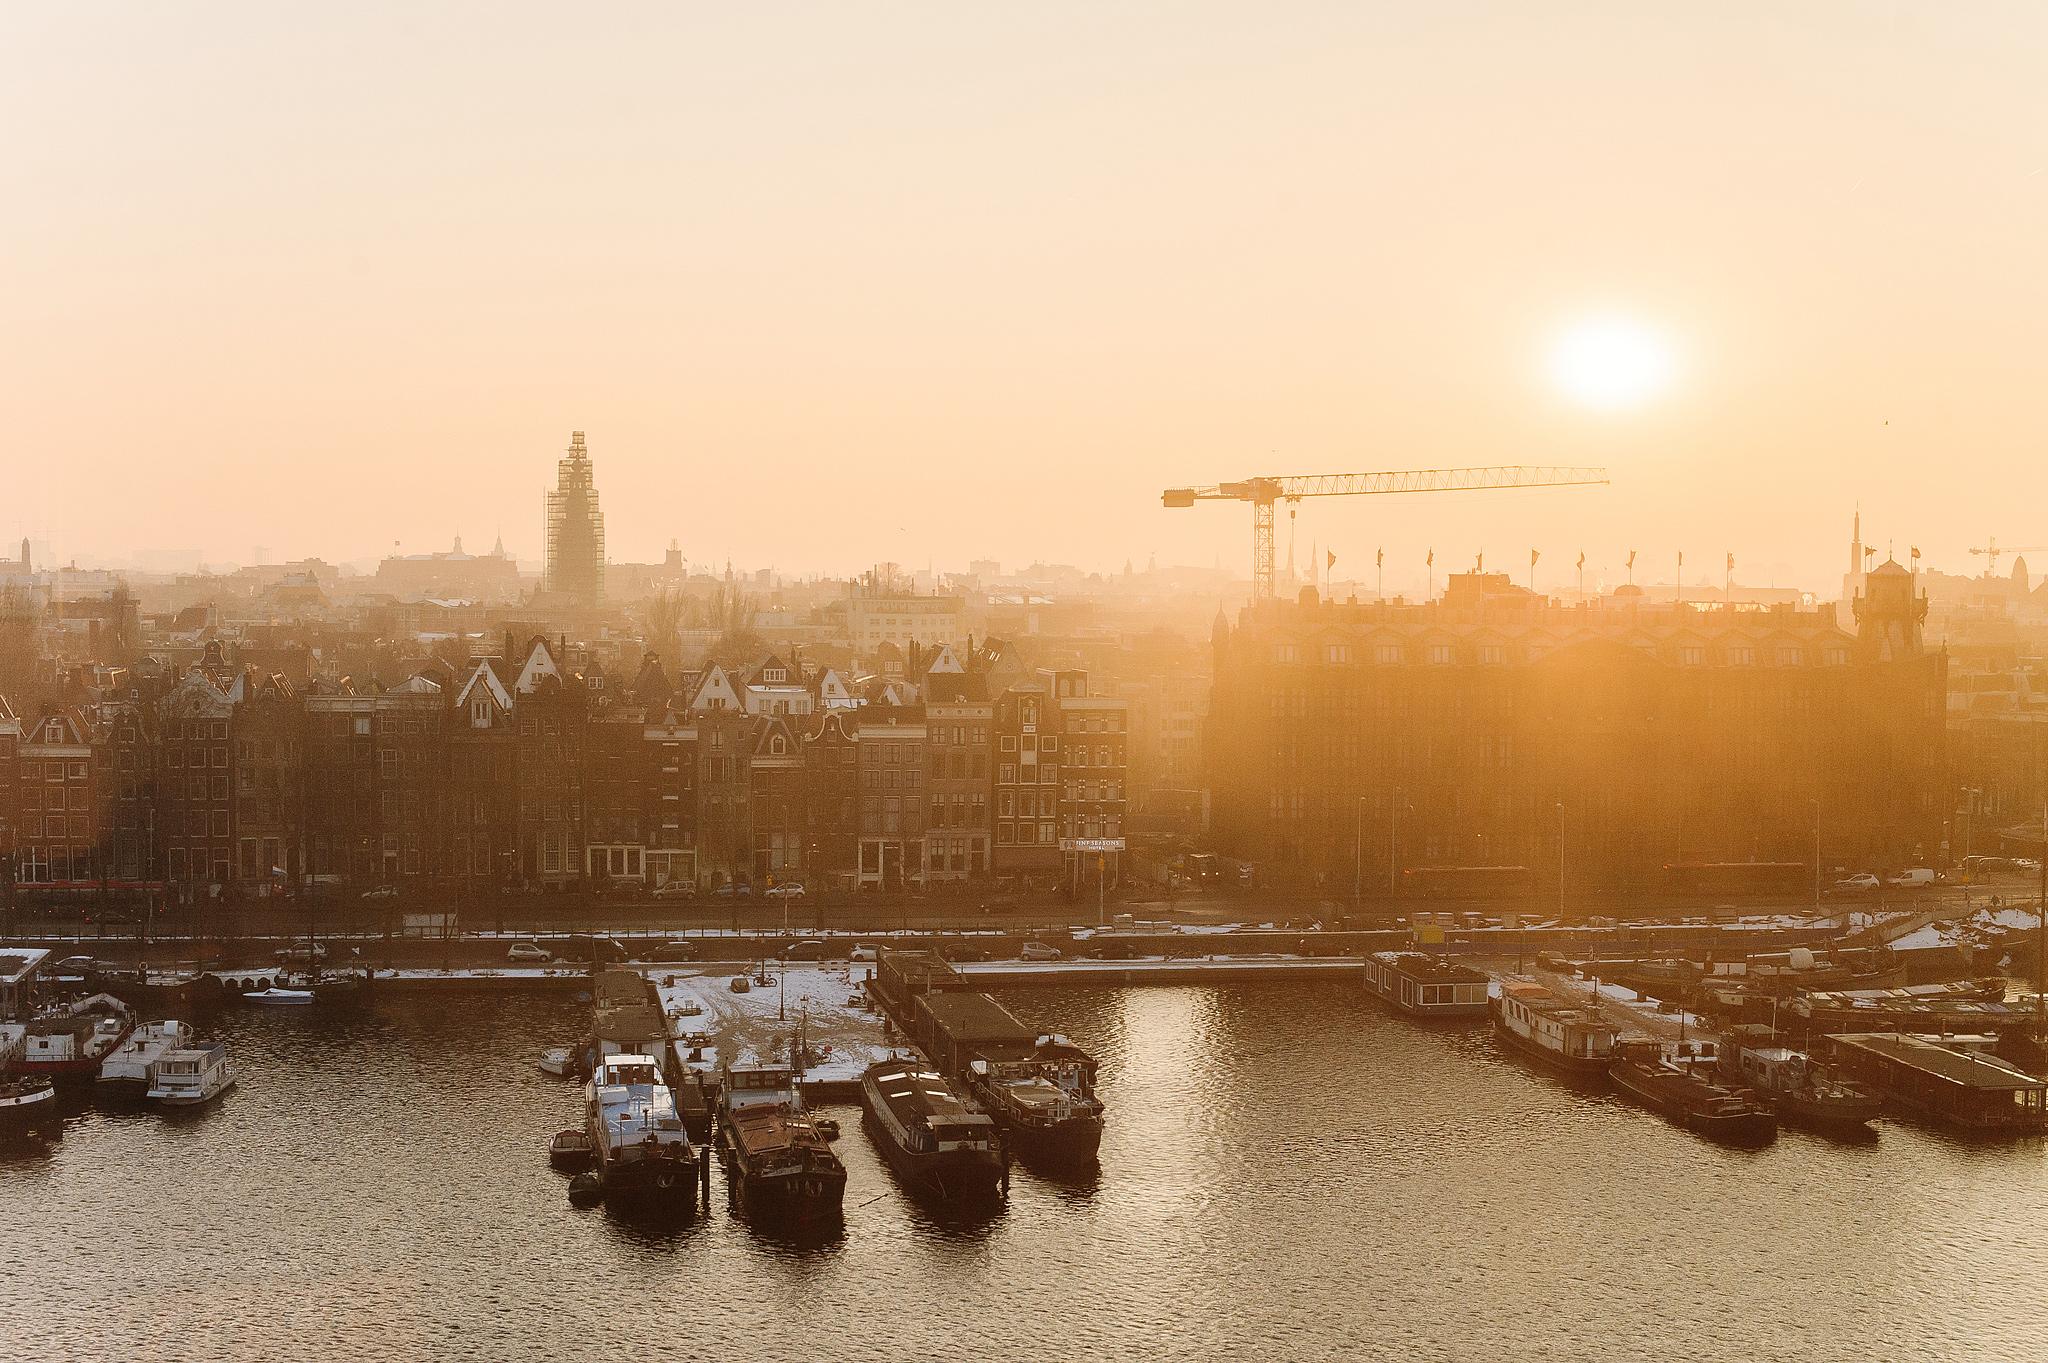 La Place в библиотеке Амстердама, панорамный вид на город